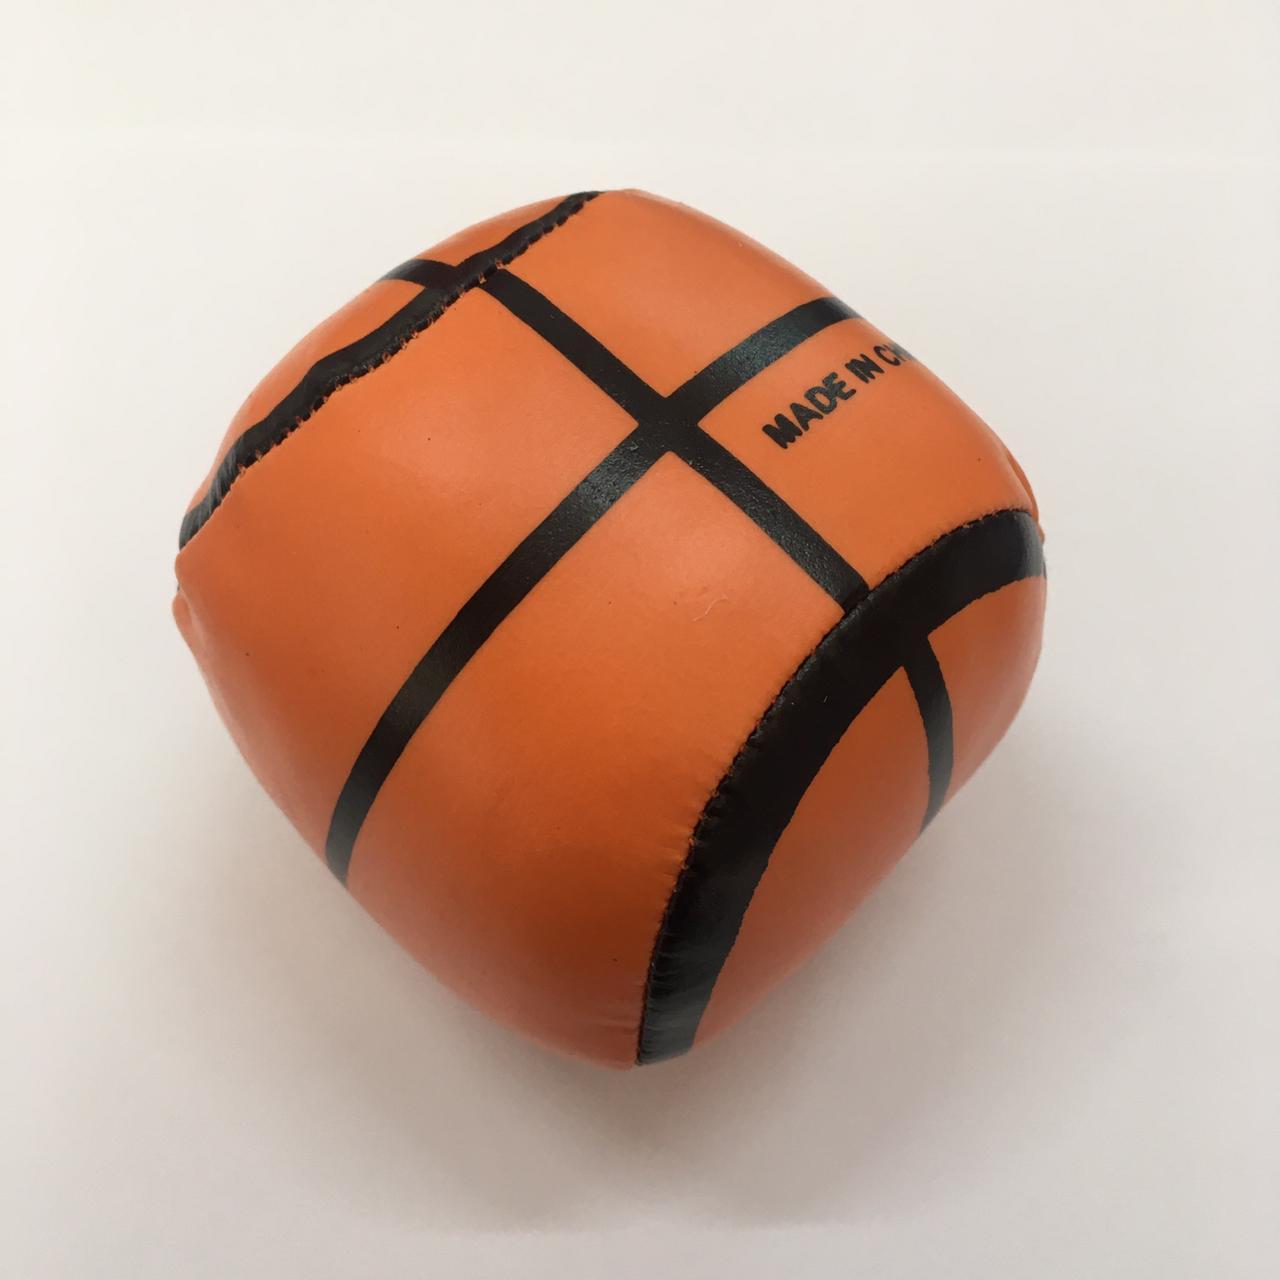 Bolinha de Espuma Esports 7cm